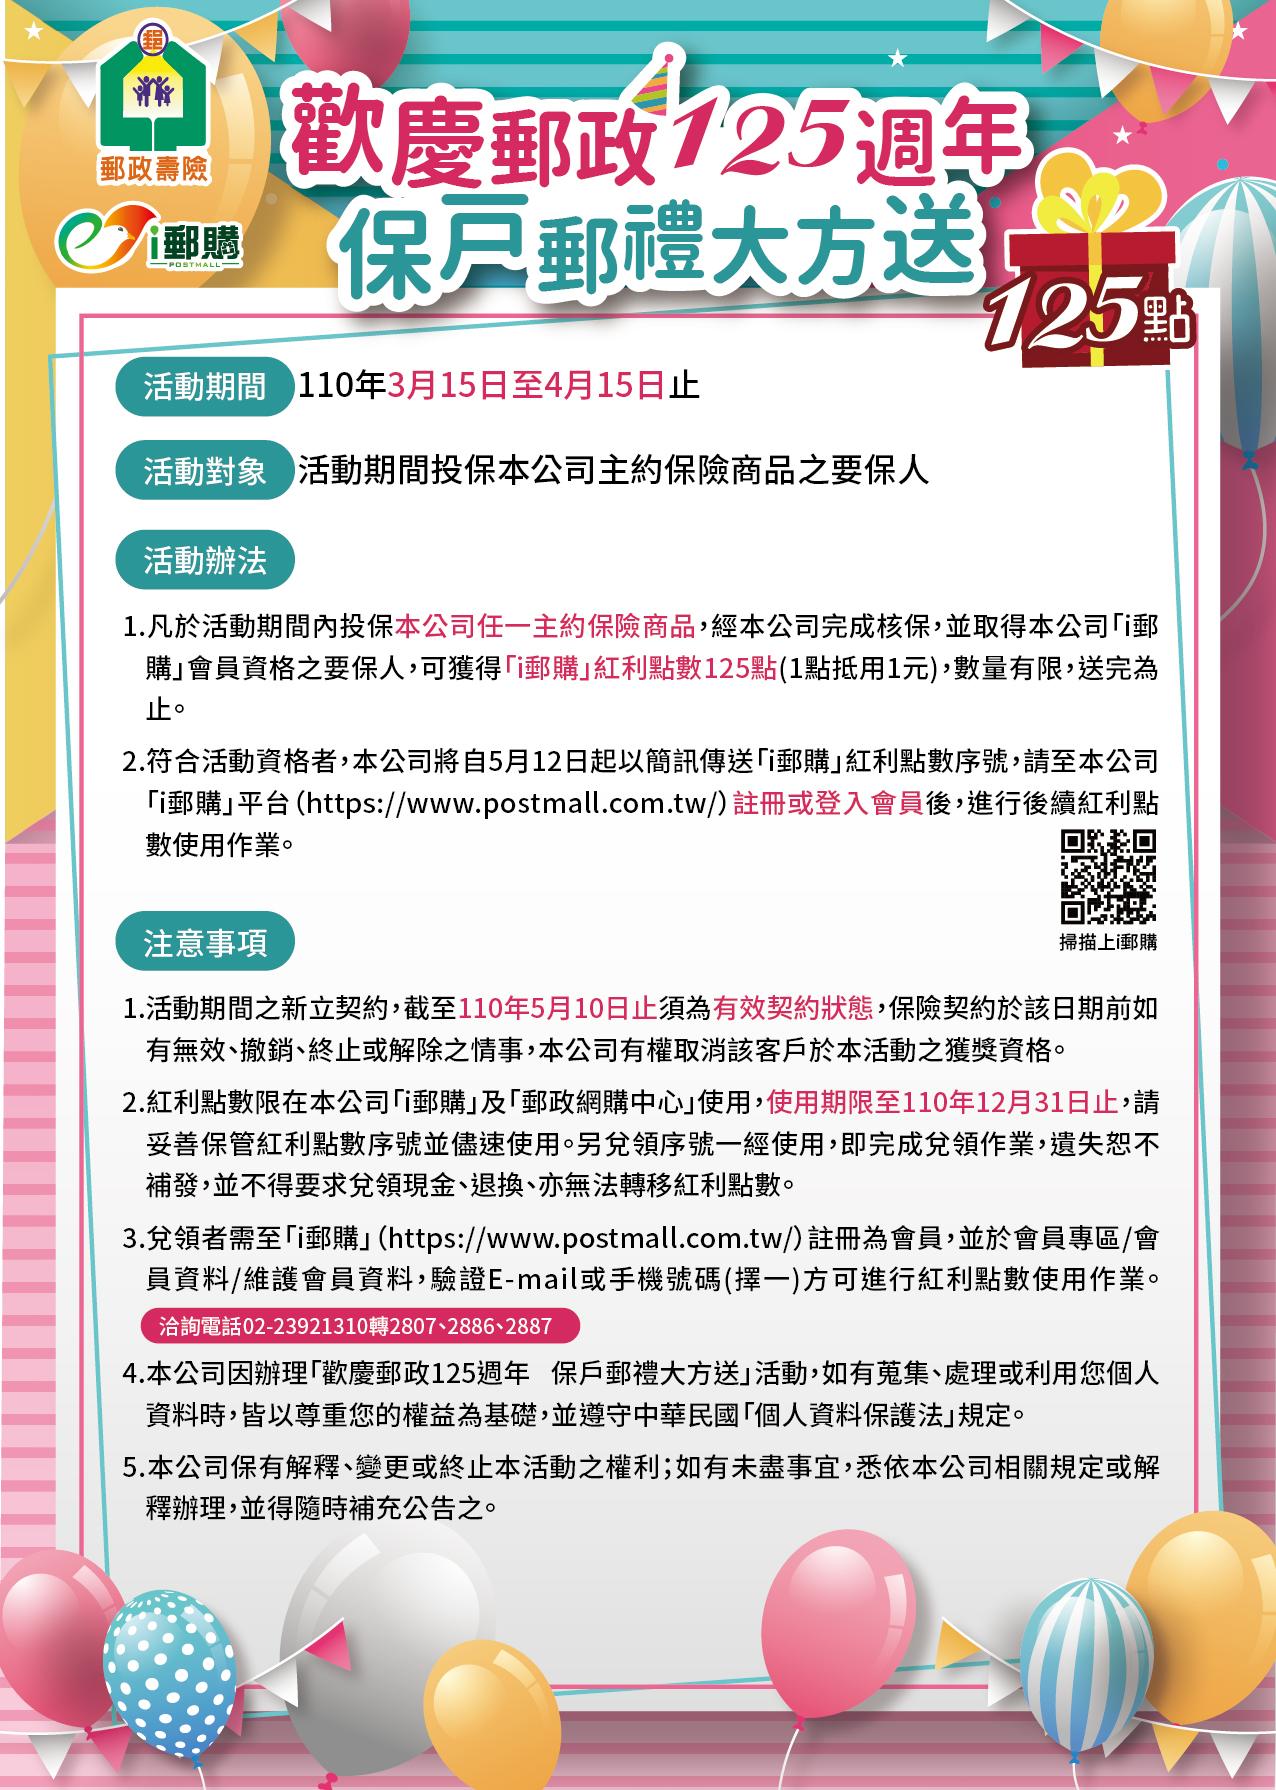 「歡慶郵政125週年 保戶郵禮大方送」活動辦法